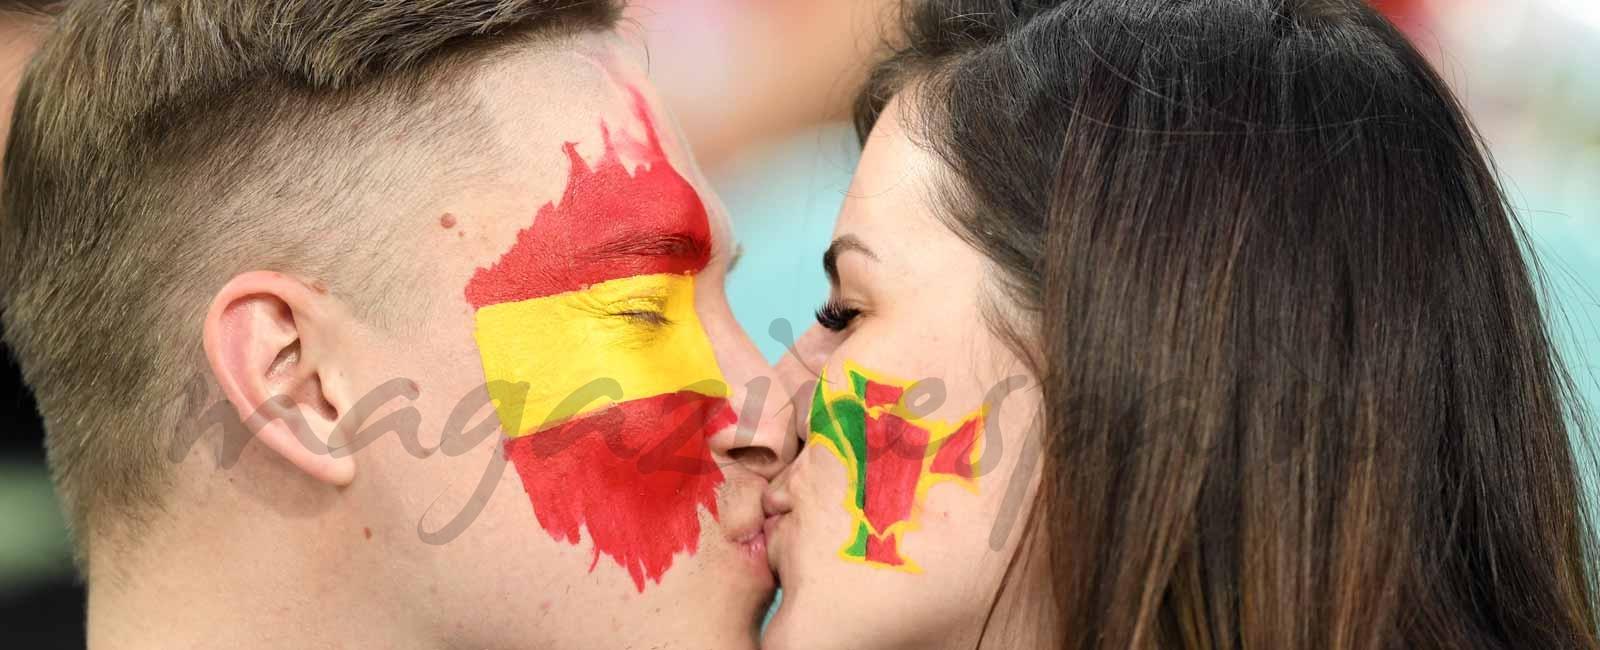 ¿Cómo vivimos los españoles el Mundial de Fútbol?